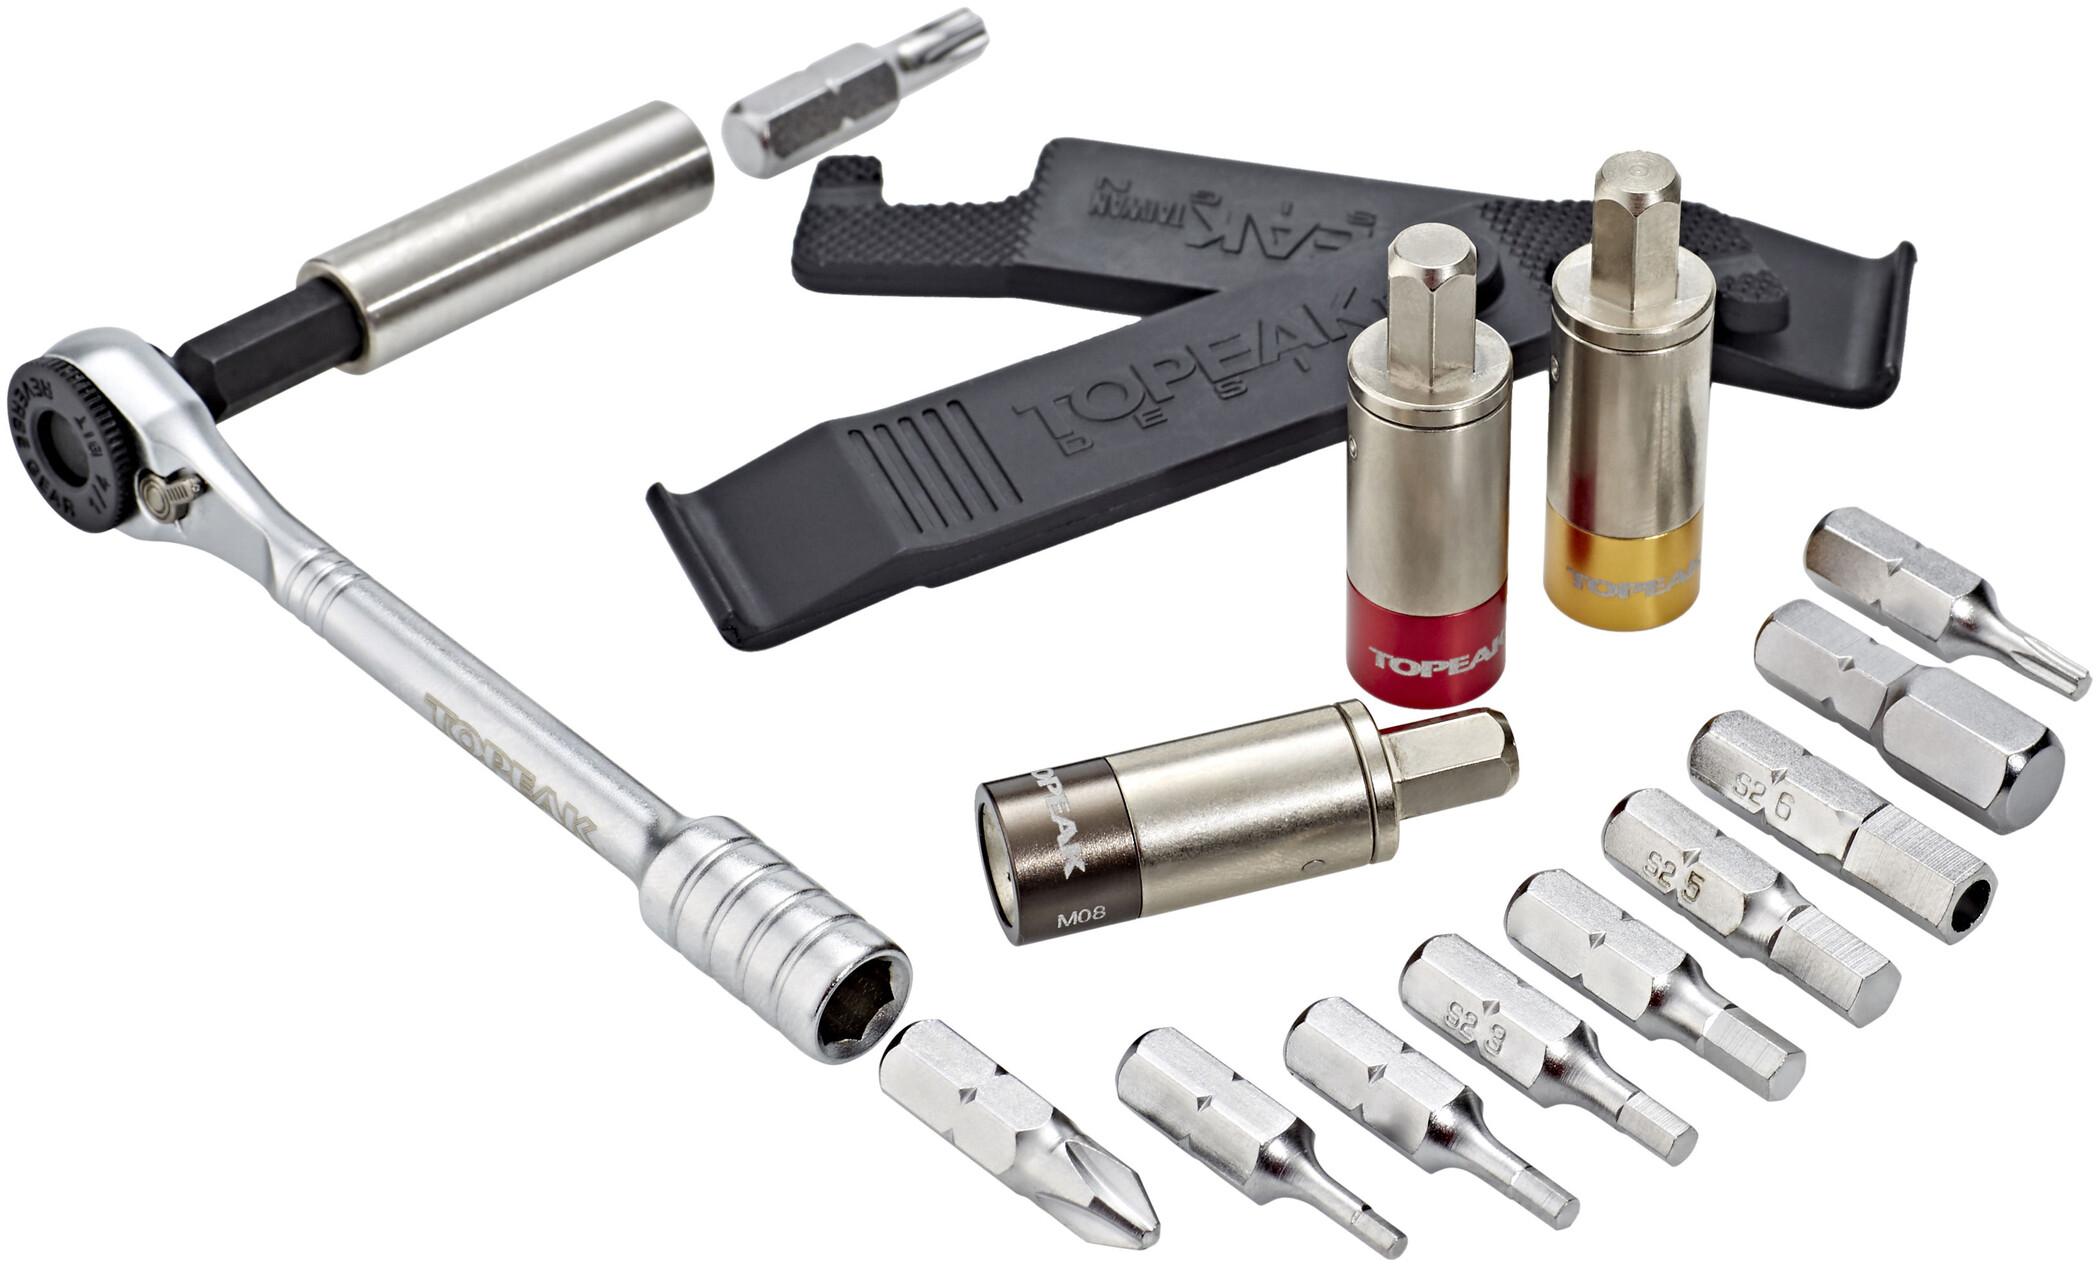 Topeak Ratchet Rocket Lite NTX Cykelværktøj sort/sølv (2019) | tools_component